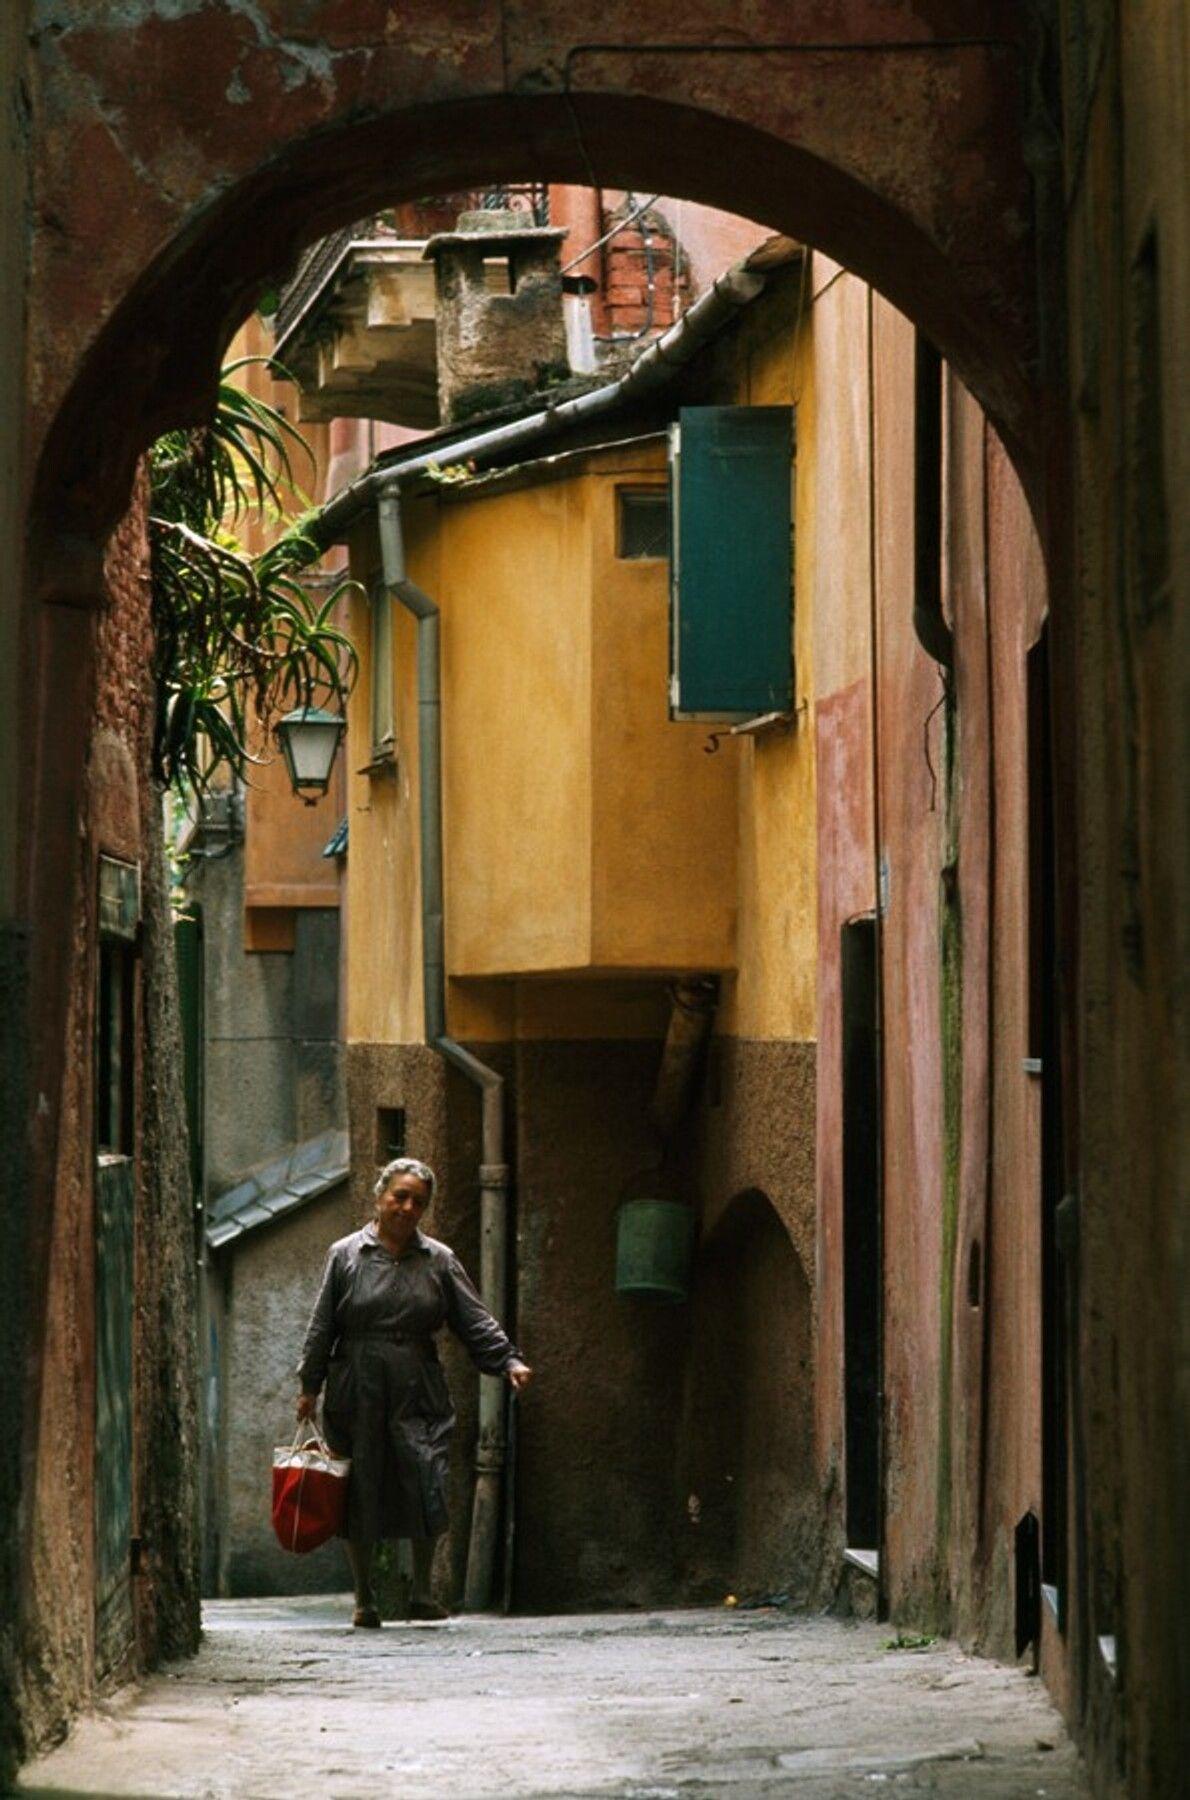 Eine Frau geht in einem Wohngebiet von Portofino in Nordwest-Italien spazieren, einer Kleinstadt auf einer Halbinsel ...